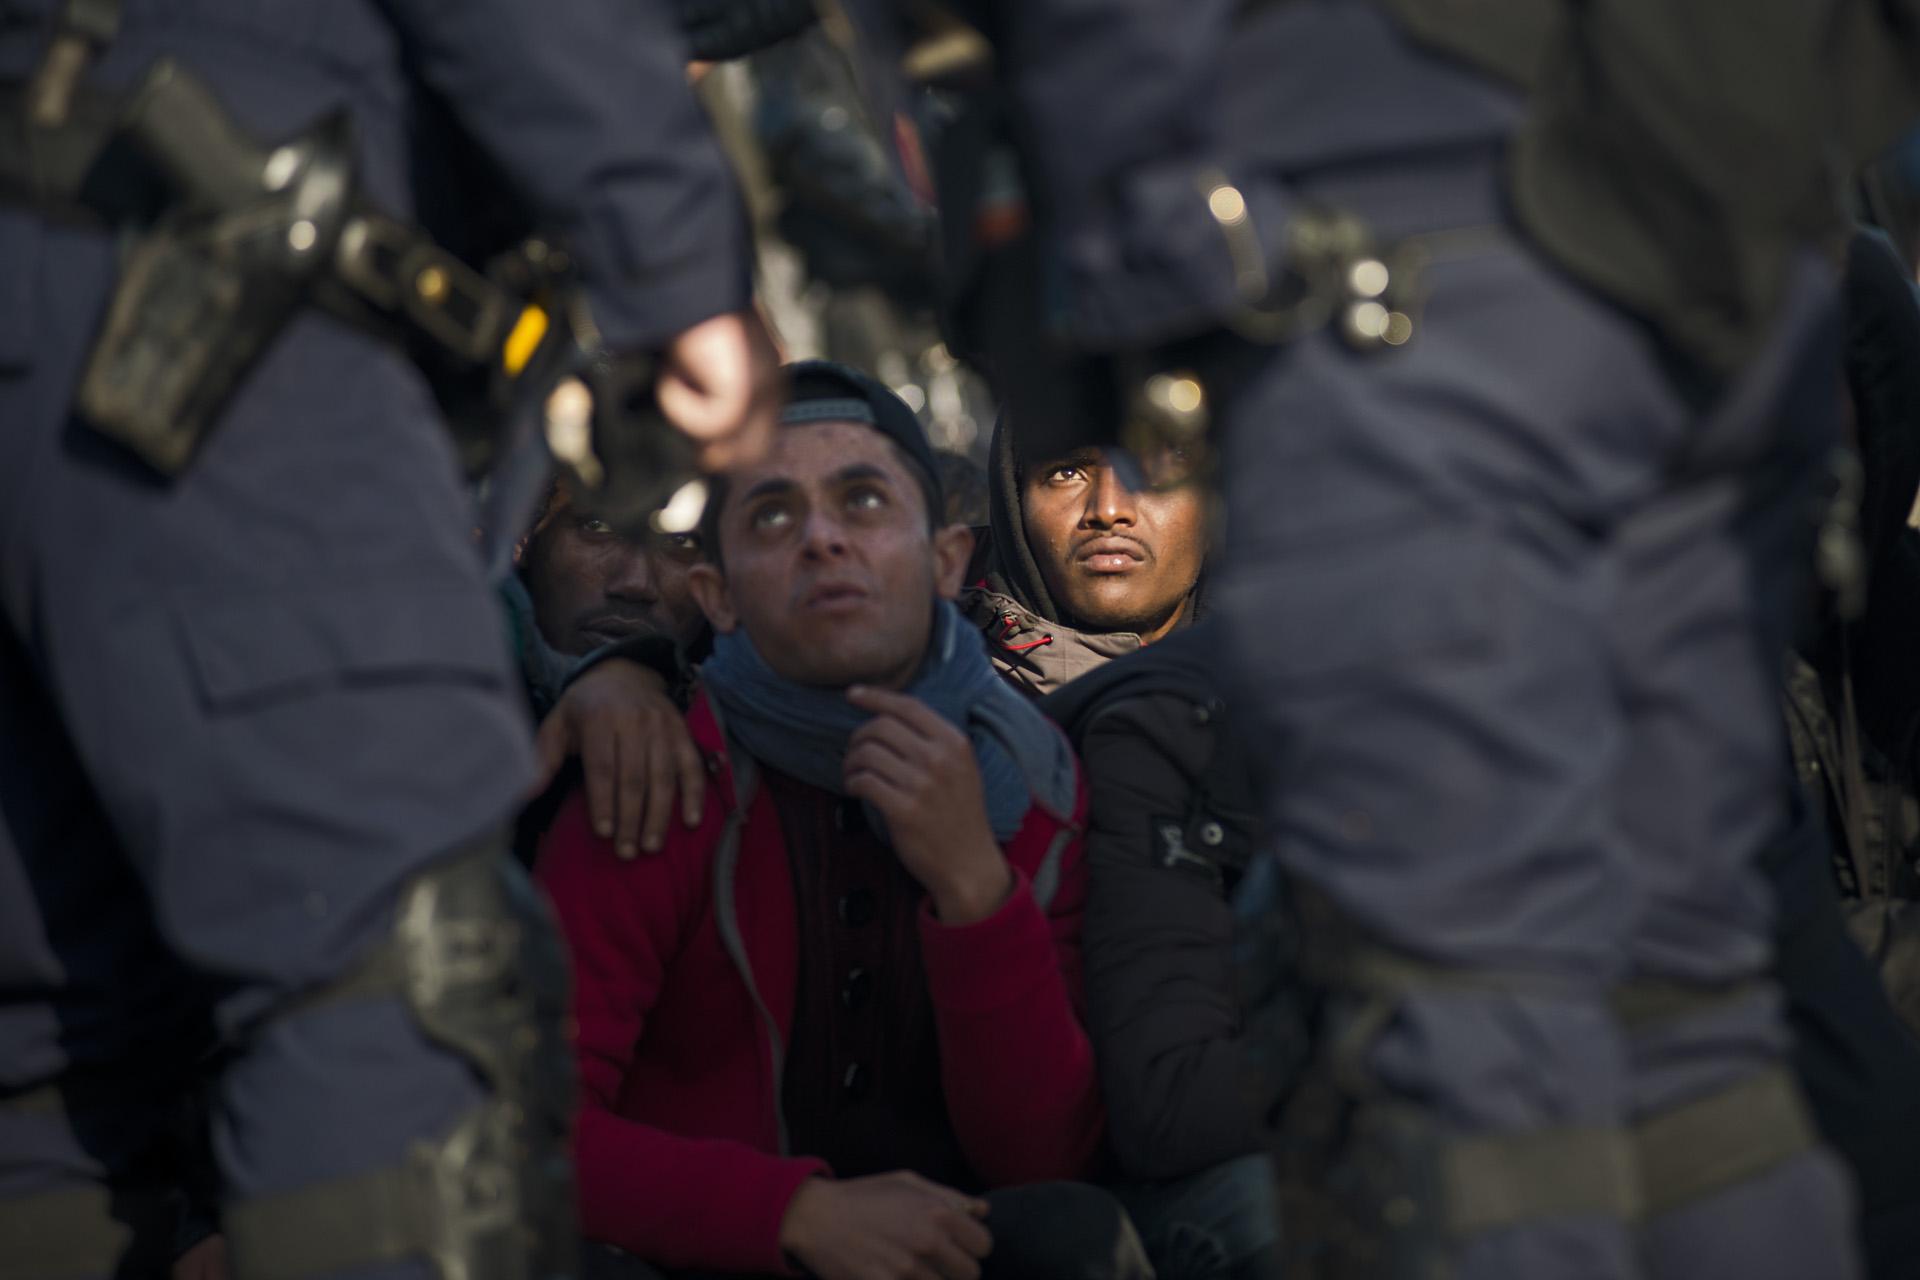 Calais. Devant le centre de répartition, la situation se complique. Des centaines de réfugiés se présentent devant la file prioritaire des mineurs. C'est la confusion la plus totale. De nombreux migrants, qui ne veulent pas demander l'asile ailleurs qu'en Angleterre, pensent qu'il suffit de se déclarer mineur pour pouvoir rejoindre légalement leur eldorado britannique grâce aux procédures de réunification familiale qui ont été accélérées. Le processus de répartition s'enraye, ce sont les premières bousculades et les premiers dérapages : « Bambino, yes ! Bambino, no ! » Les CRS et le personnel de France terre d'asile commencent à « trier au faciès », constatent les journalistes et les associations. Les réfugiés qui « ont visiblement l'air adulte » sont écartés sans autre façon et sans avoir de possibilité de recours.